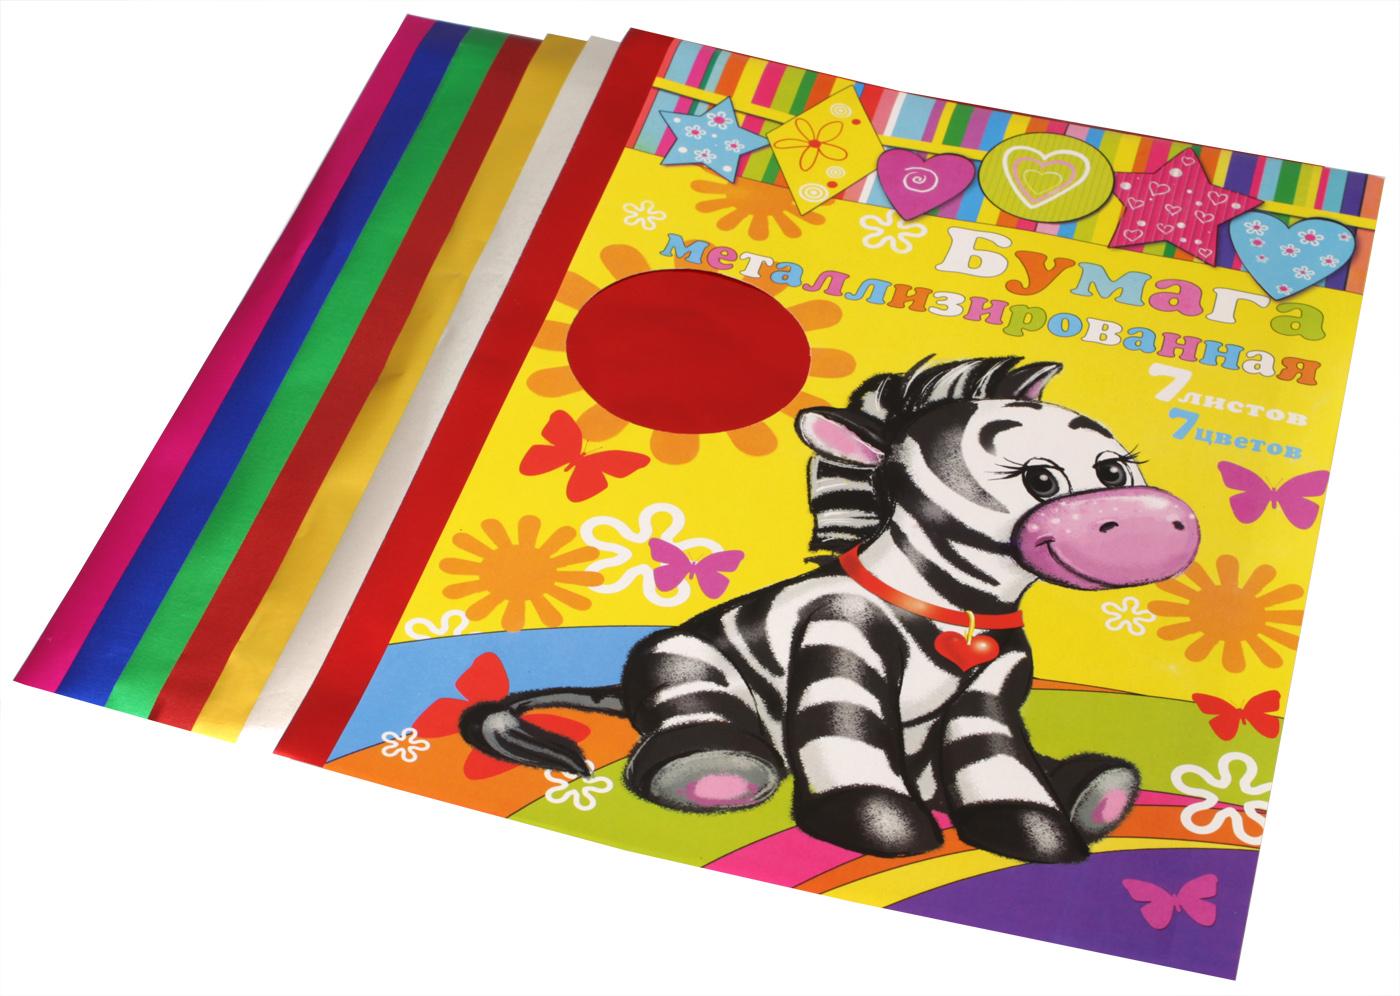 Феникс+ Бумага цветная металлизированная формат А4 7 листов24400Цветная бумага для детского творчества, металлизированная. Изготовлена из алюминиевой фольги на бумажной основе. Односторонняя. Количество листов: 7 Количество цветов: 7 Формат: А4.